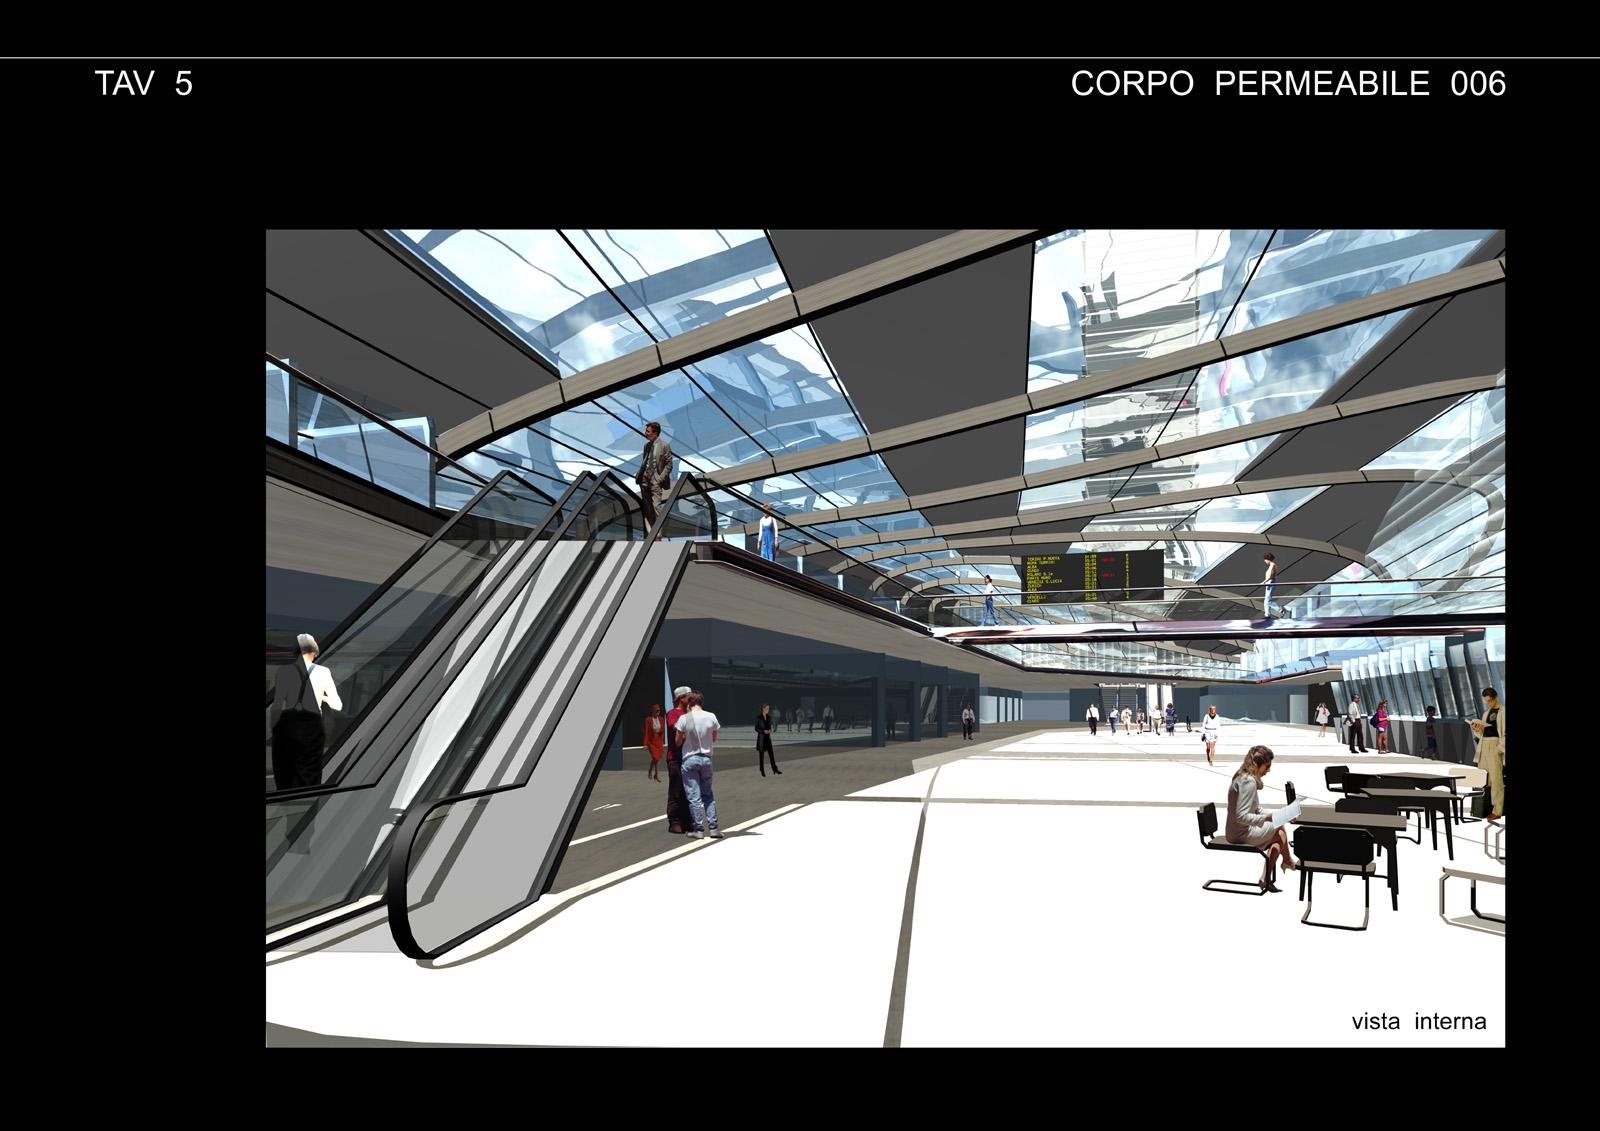 Stazione porta susa g aa italian architect attilio - Treni porta susa ...